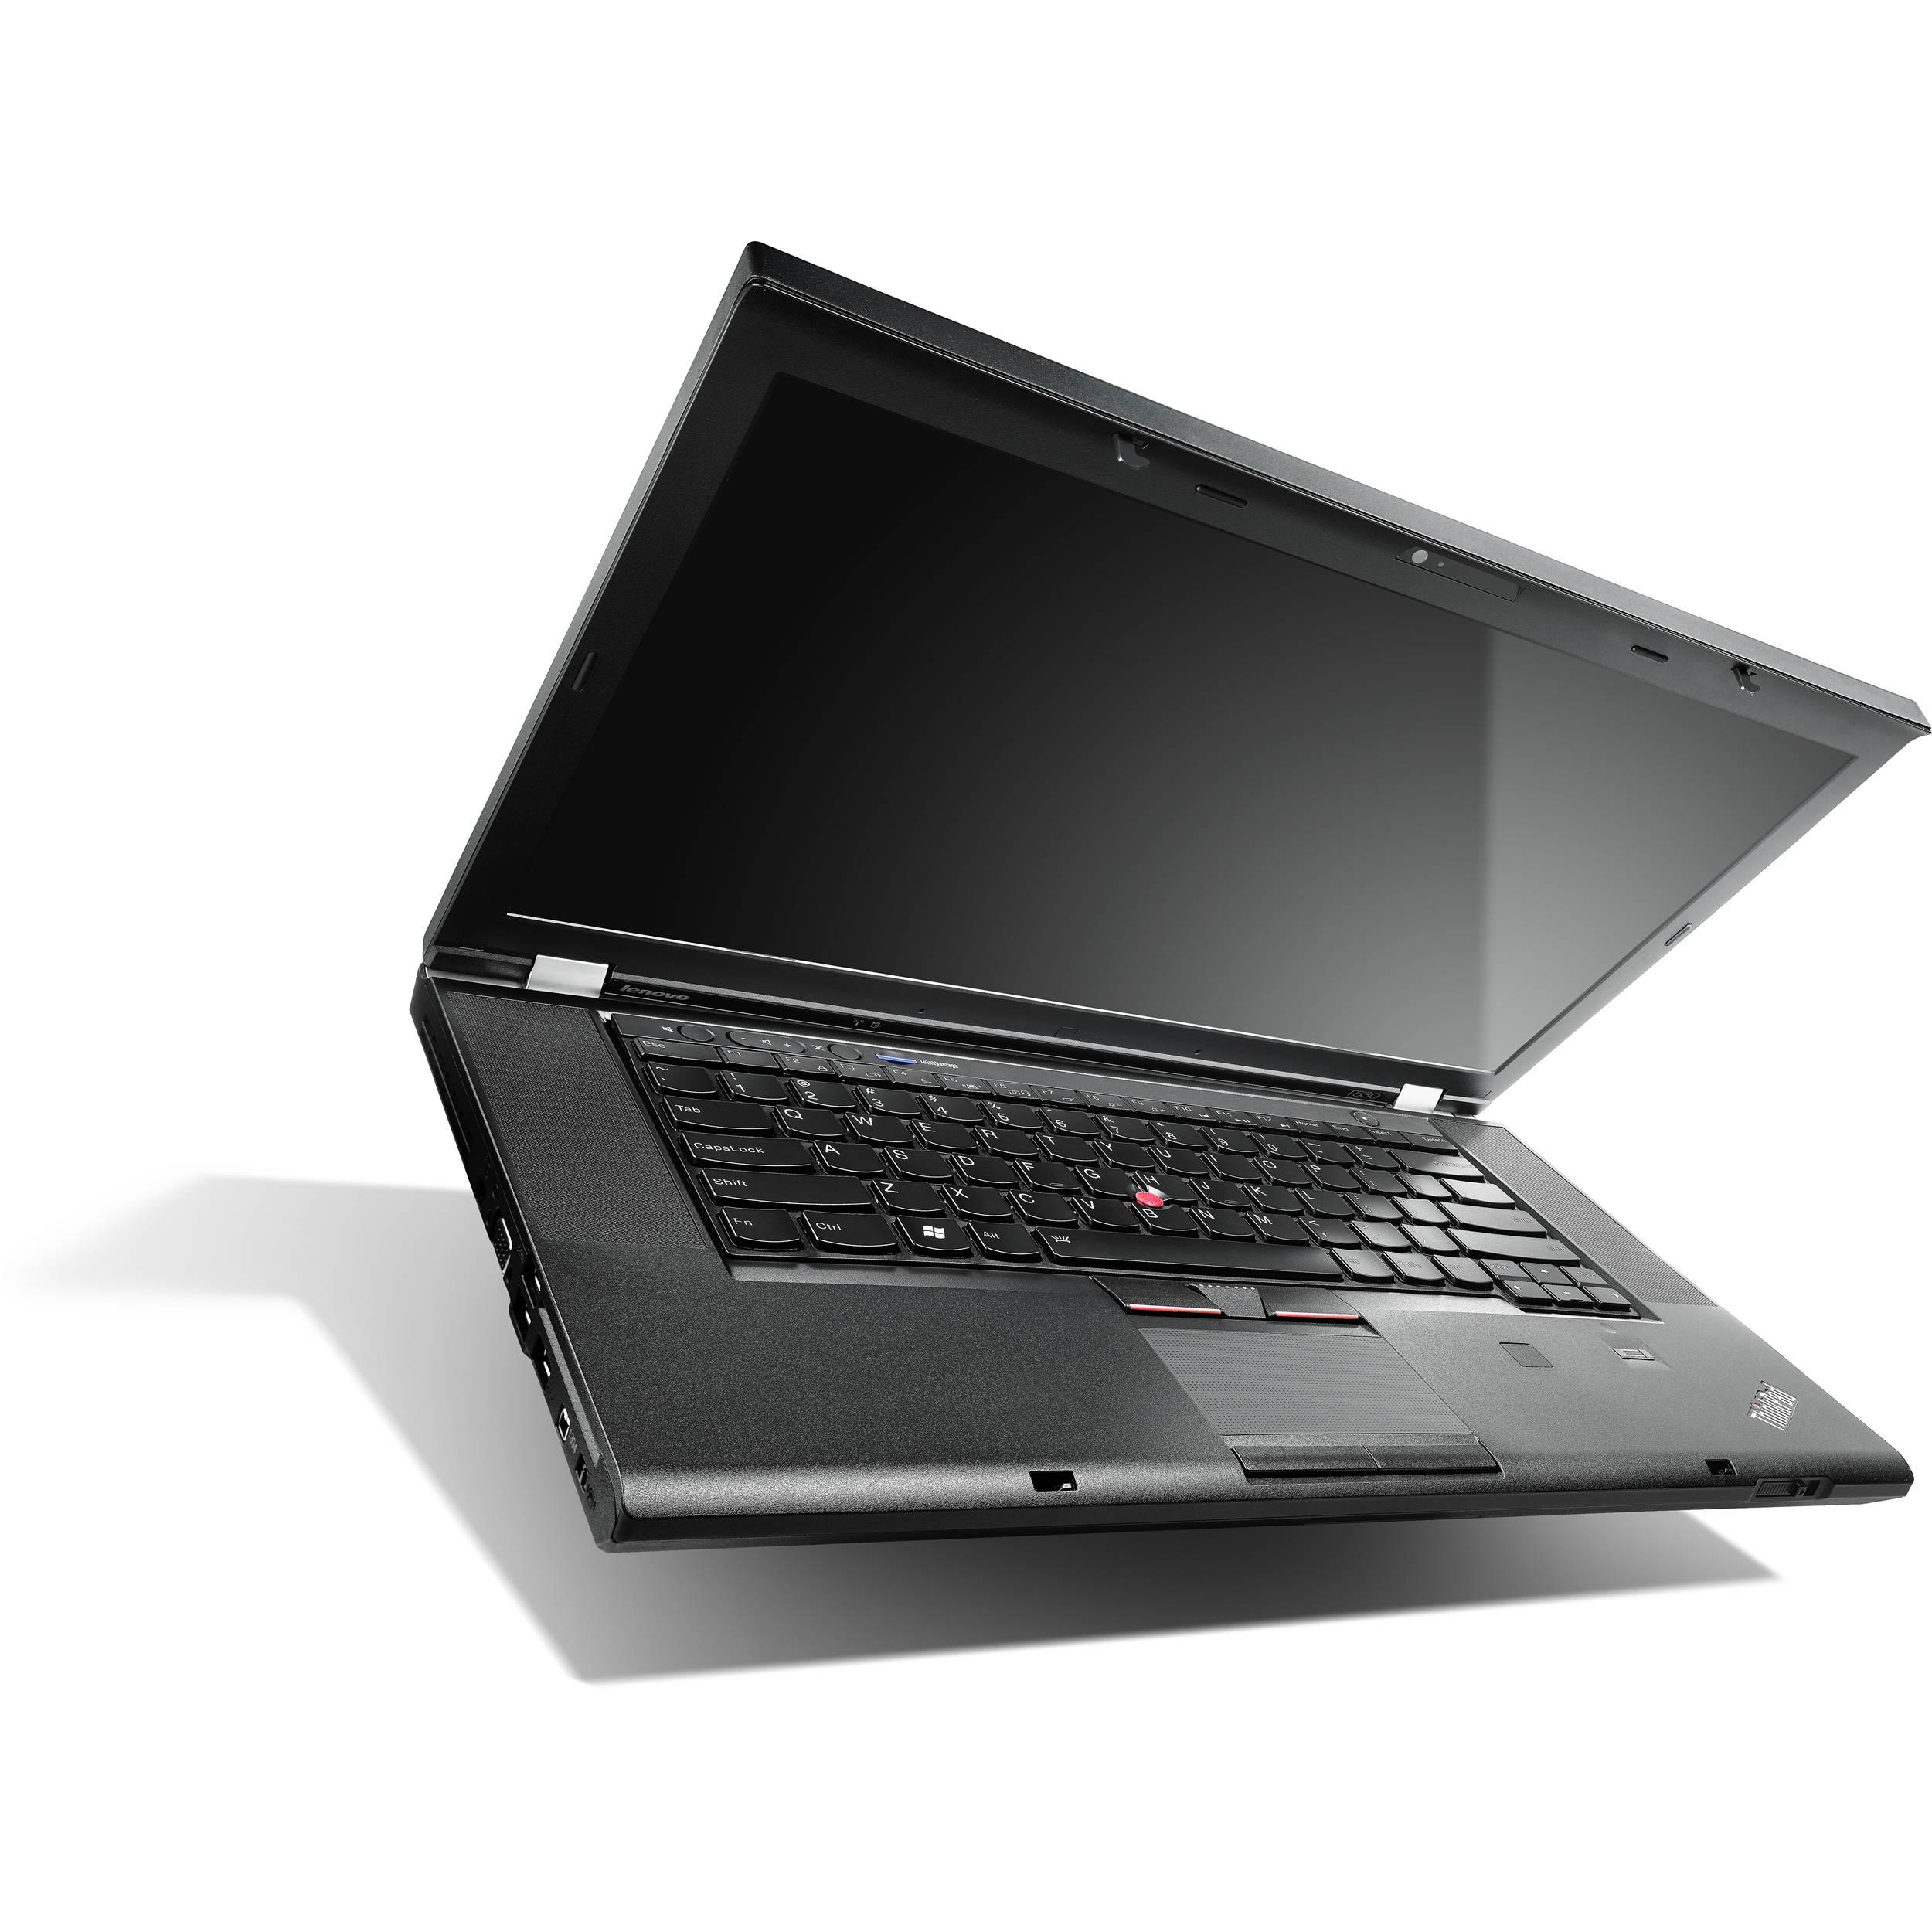 Скачать драйвера для ноутбука леново е530